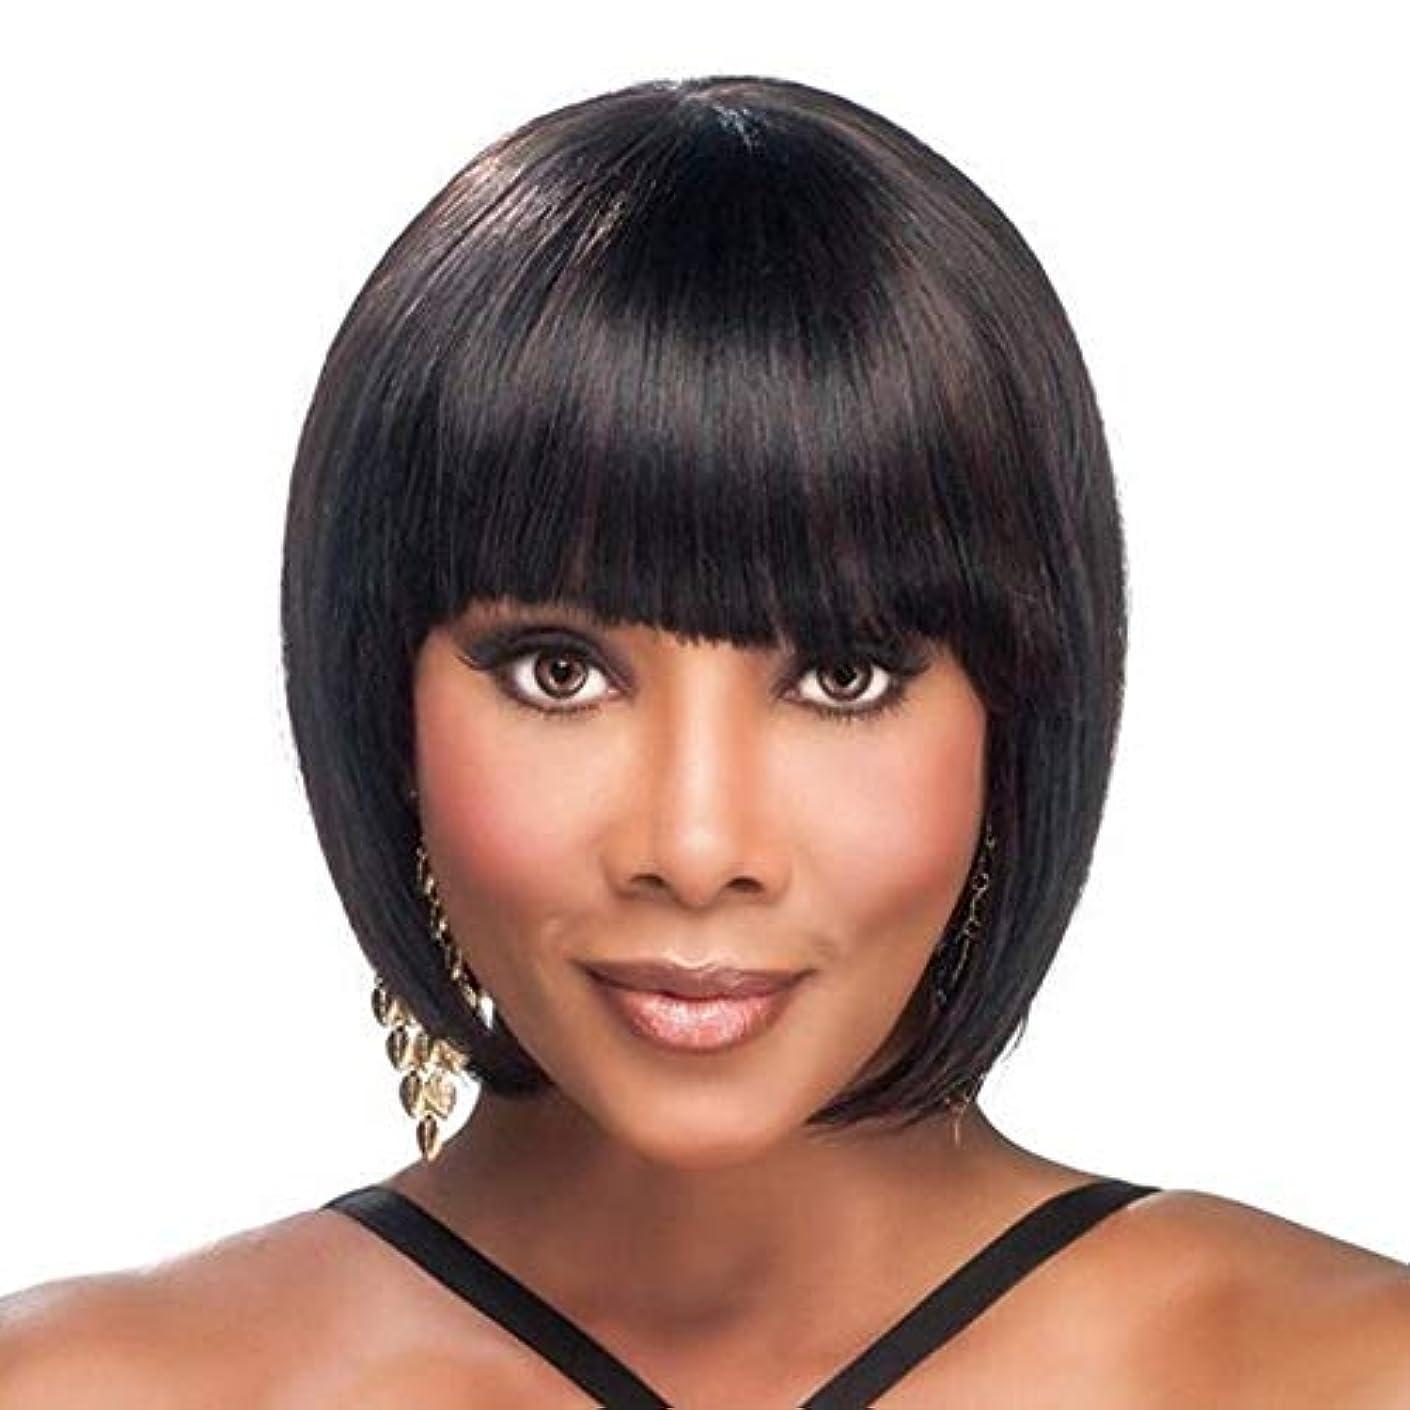 シルク次へ印象的WASAIO 女性レディースショートストレートウィッグナチュラルブラックヘア (色 : 黒)